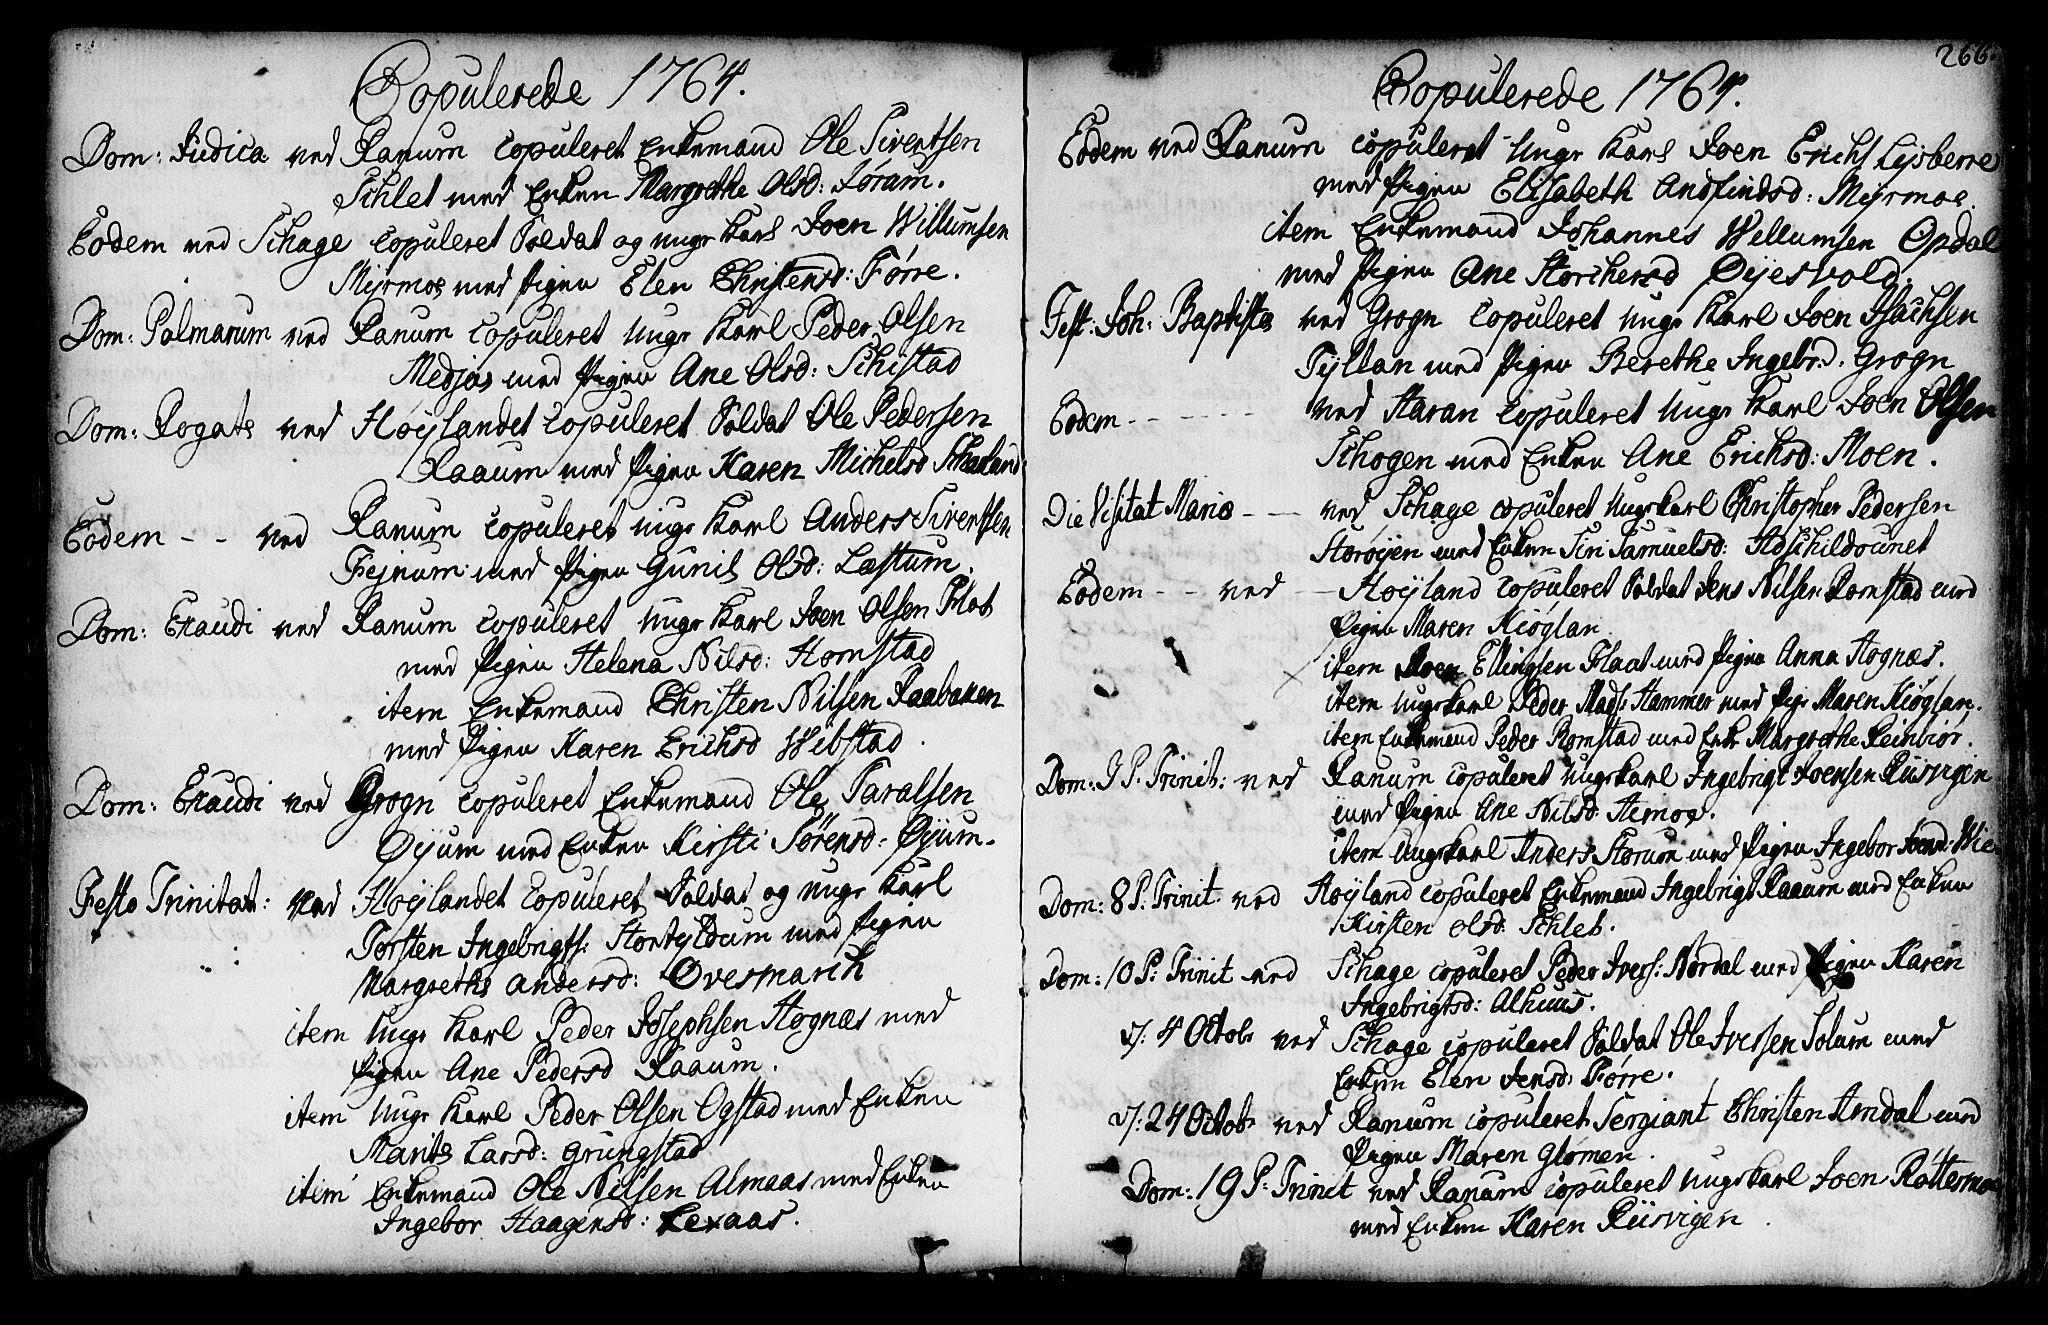 SAT, Ministerialprotokoller, klokkerbøker og fødselsregistre - Nord-Trøndelag, 764/L0542: Ministerialbok nr. 764A02, 1748-1779, s. 266